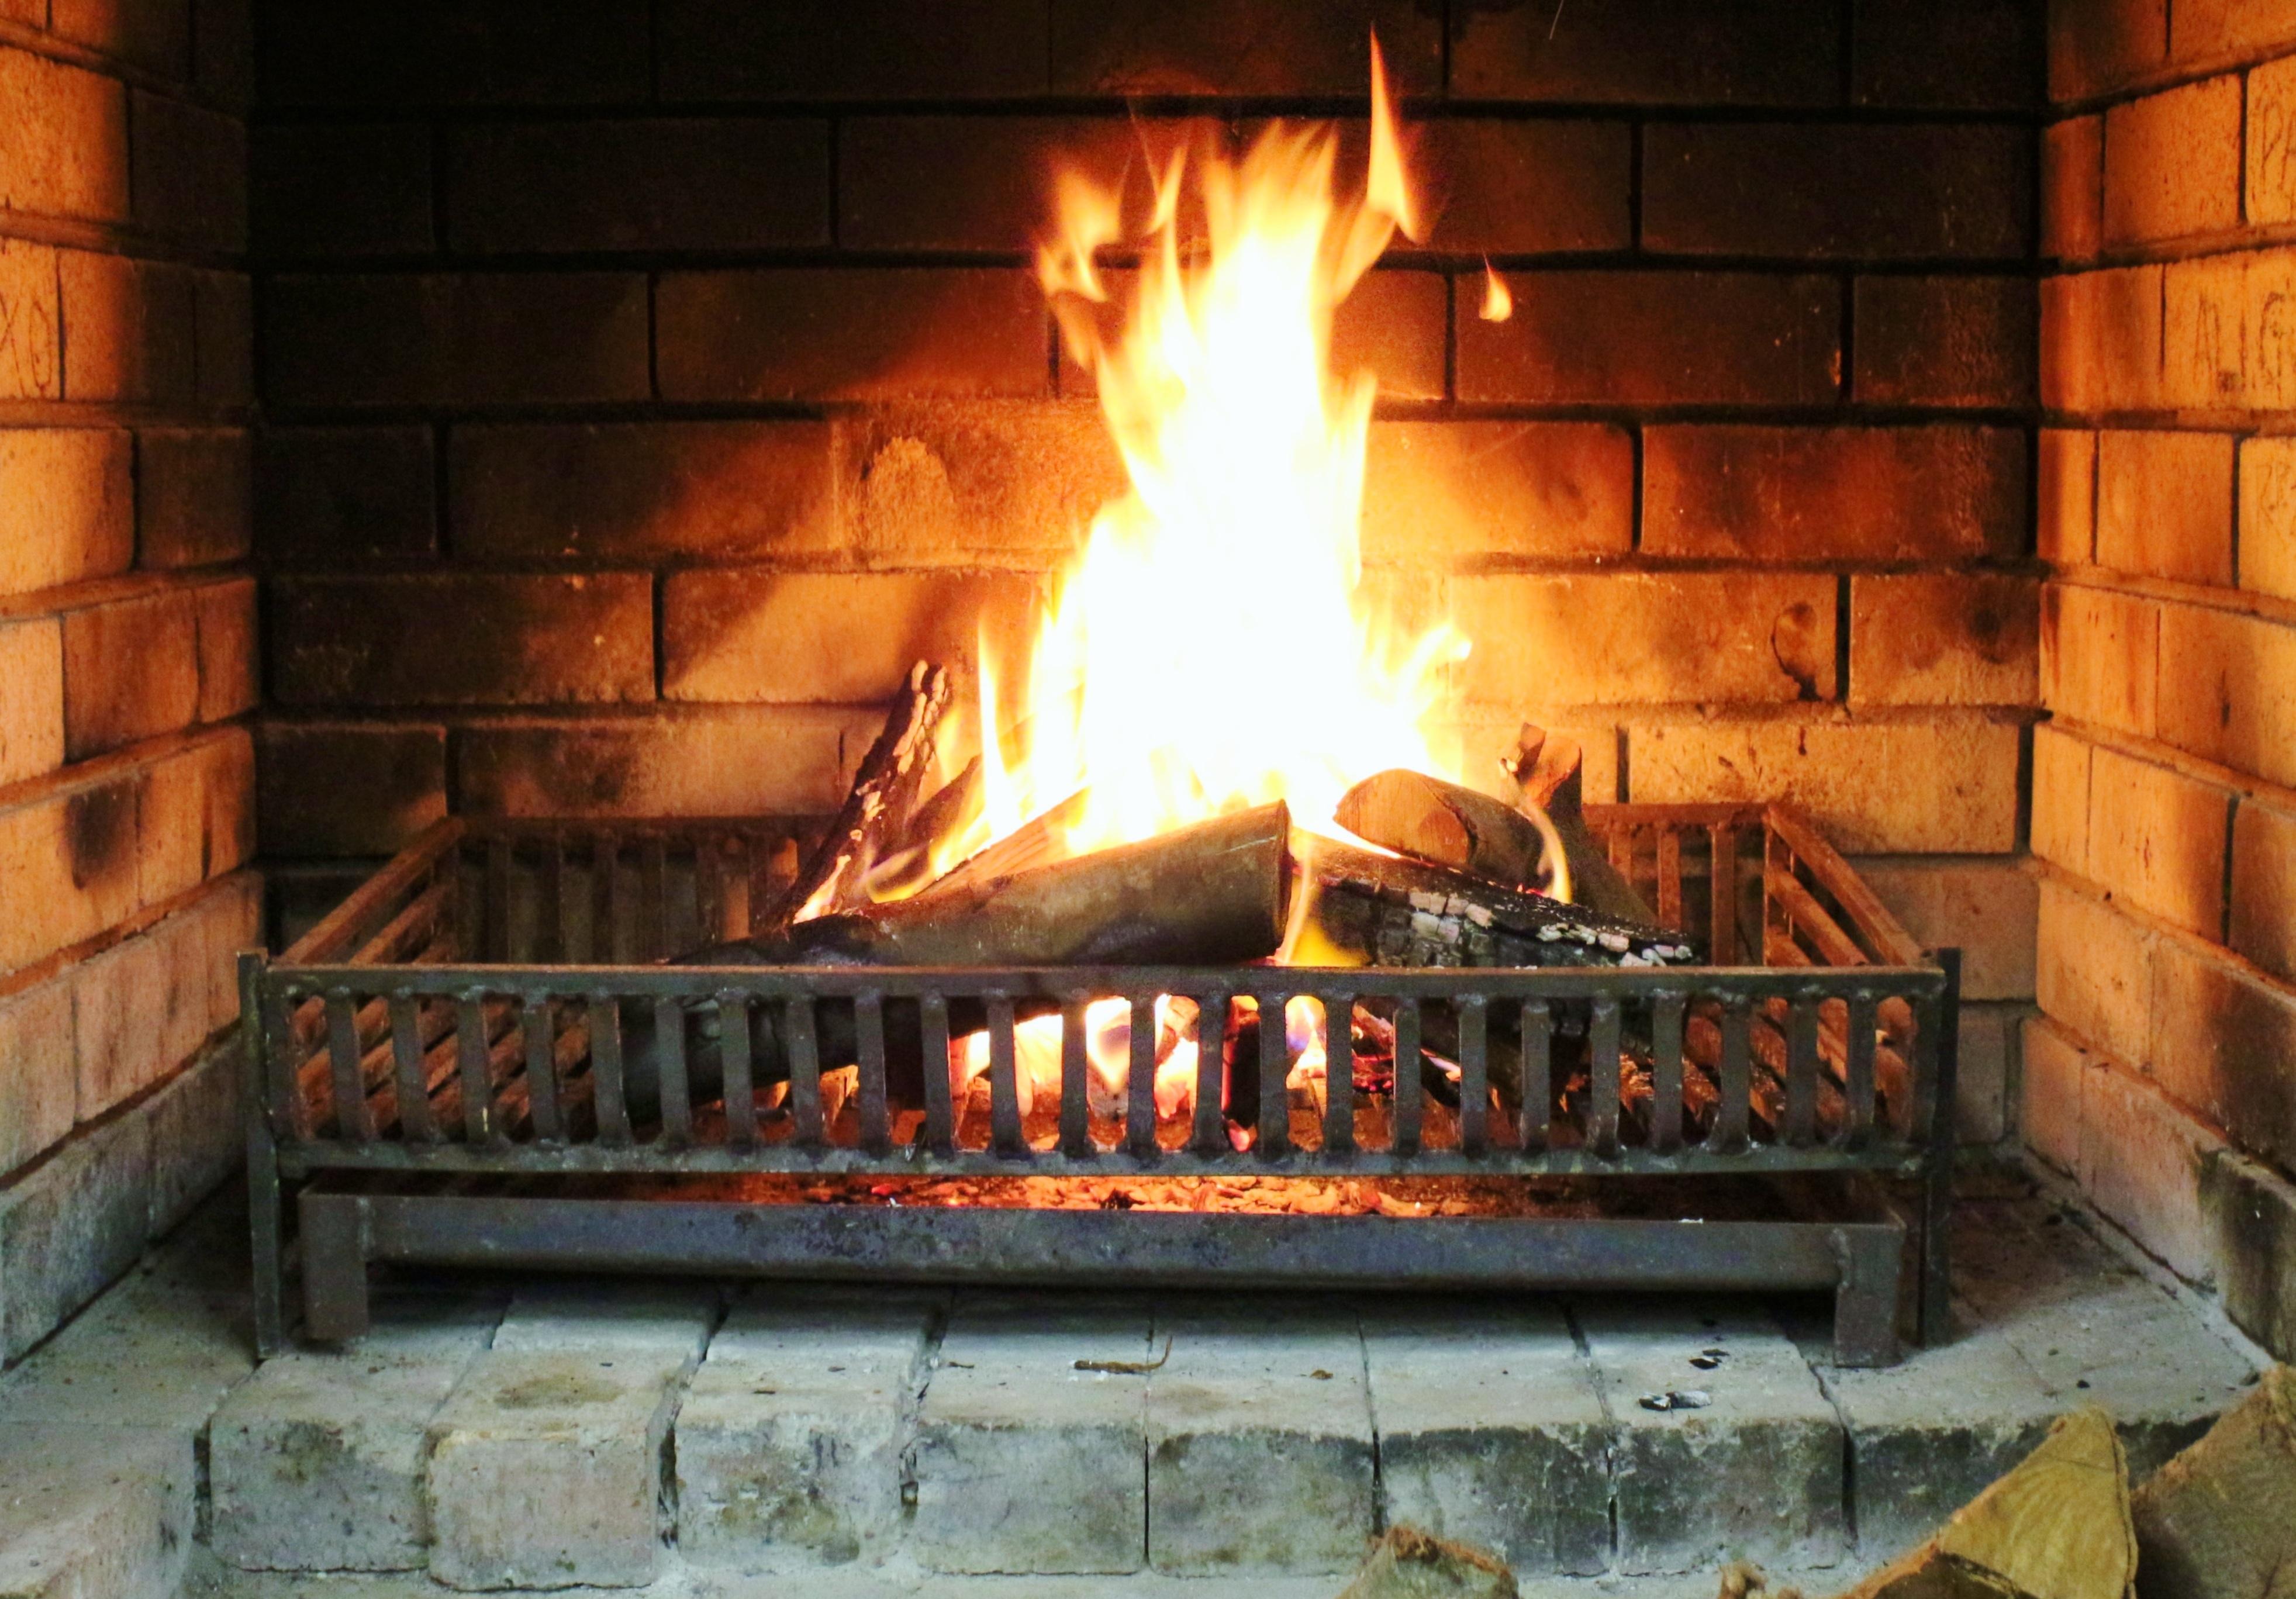 무료 이미지 따뜻한 로그 불 고기 요리 화상 난로 바닥 바베큐 그릴 사격하다 야외